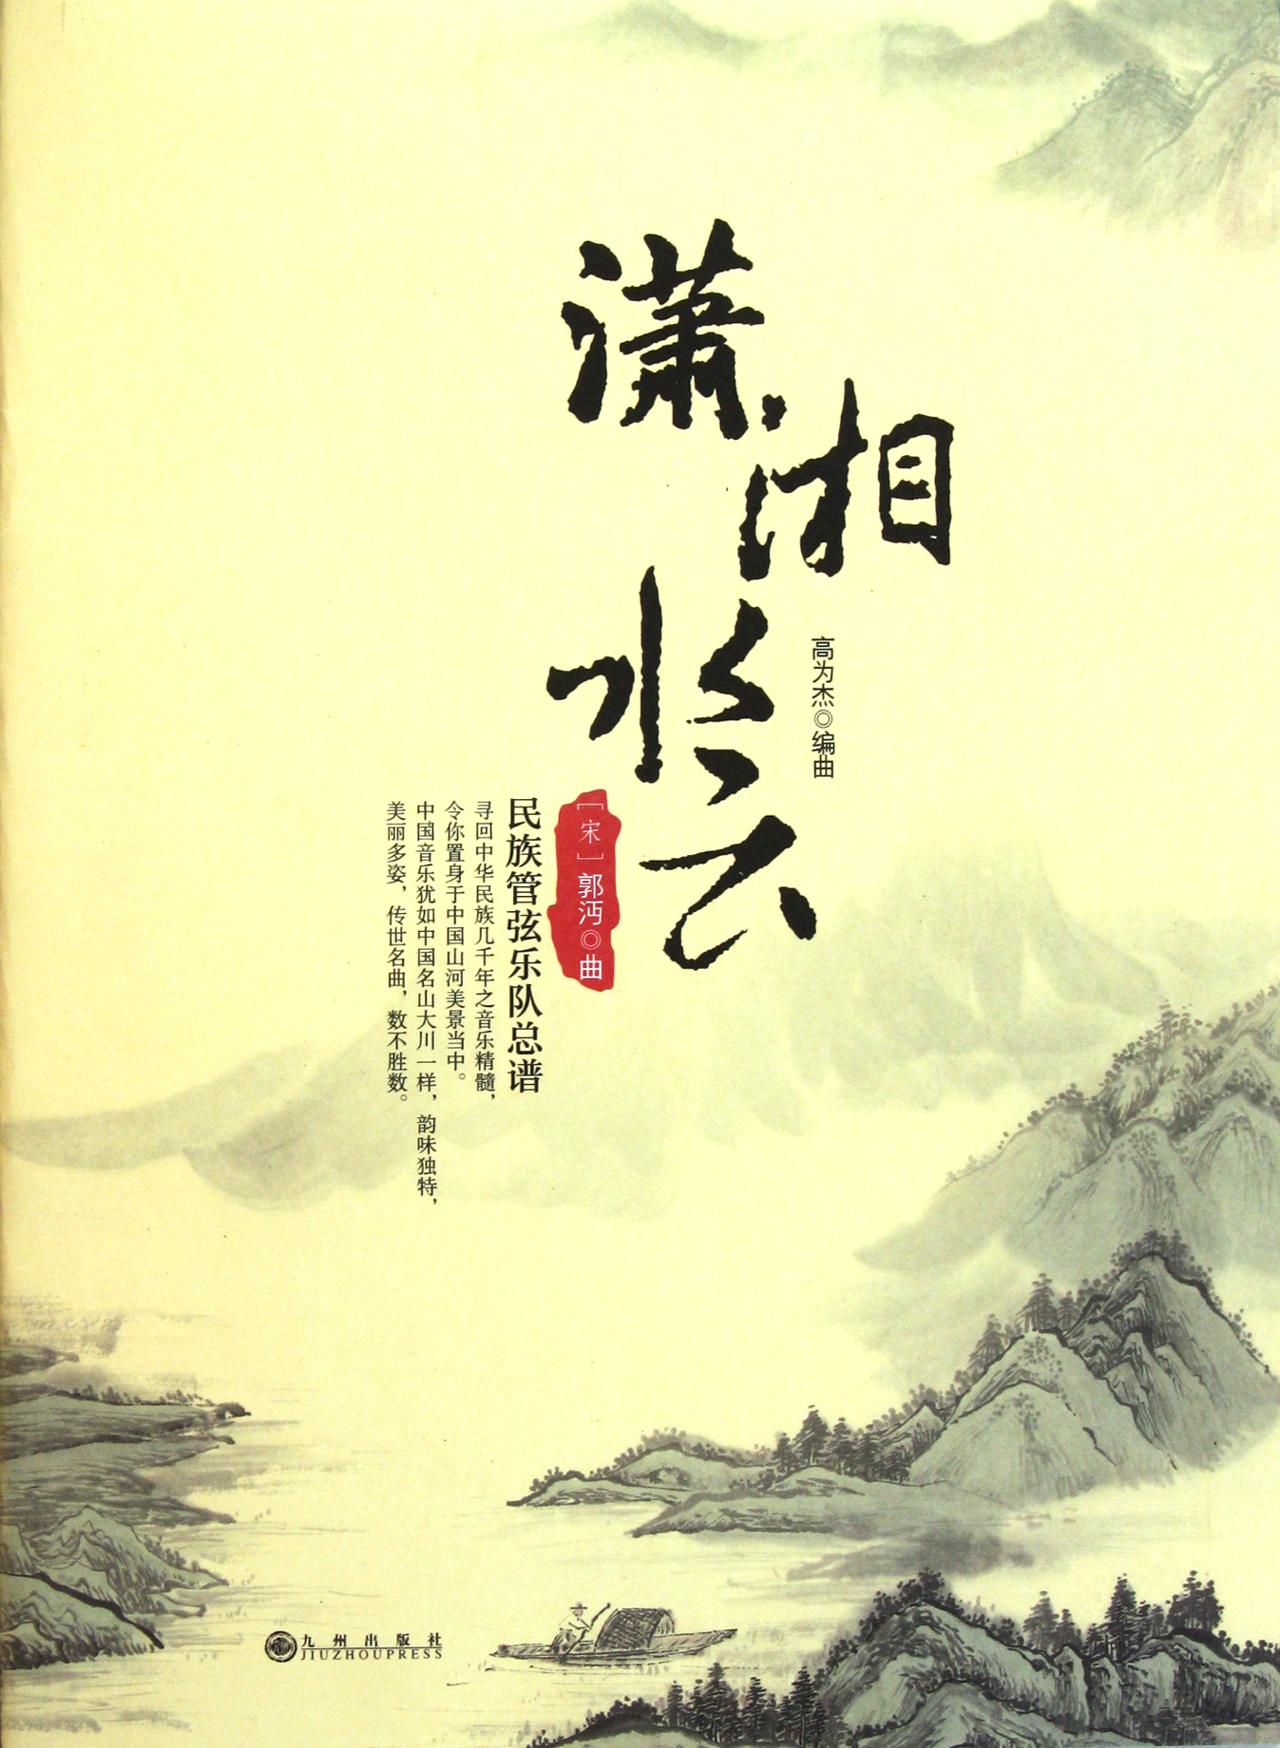 潇湘水云民族管弦乐队总谱